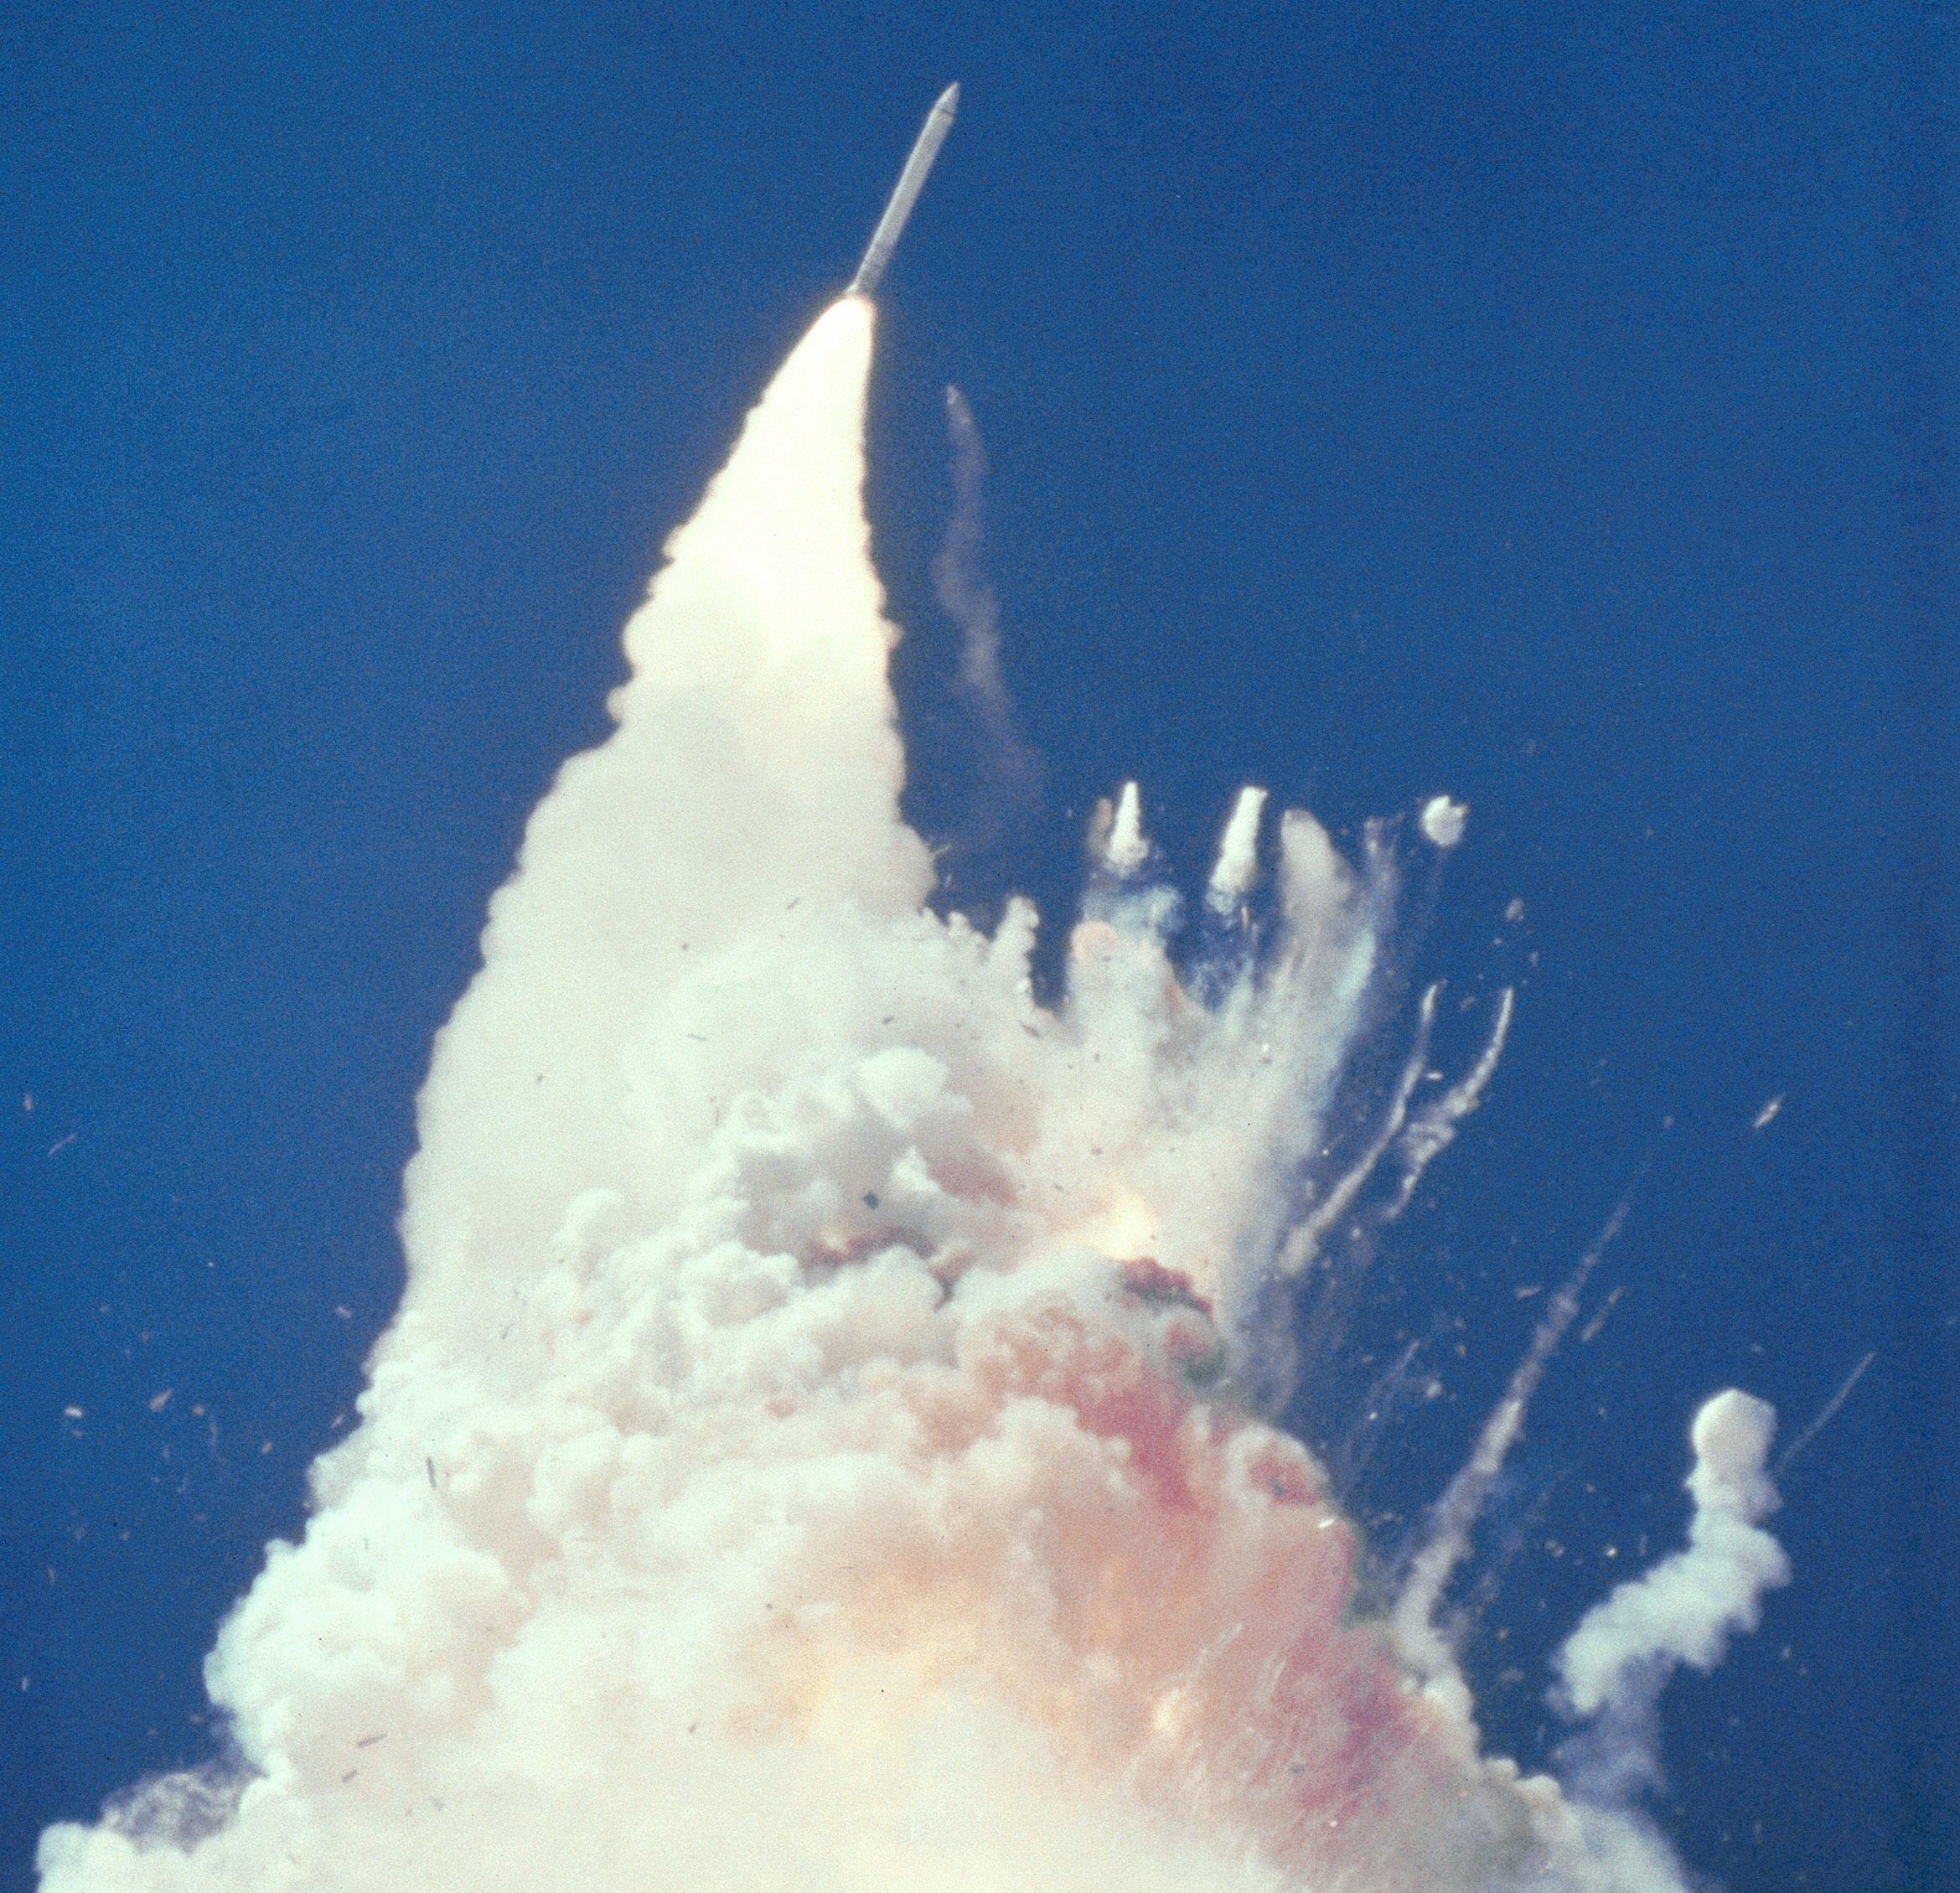 76 Sekunden nach dem Start: Während die Challengerschon explodiert ist und Teile auf dem Bild zu sehen sind, ist die Festträgerraketelinks im Bild noch unversehrt.